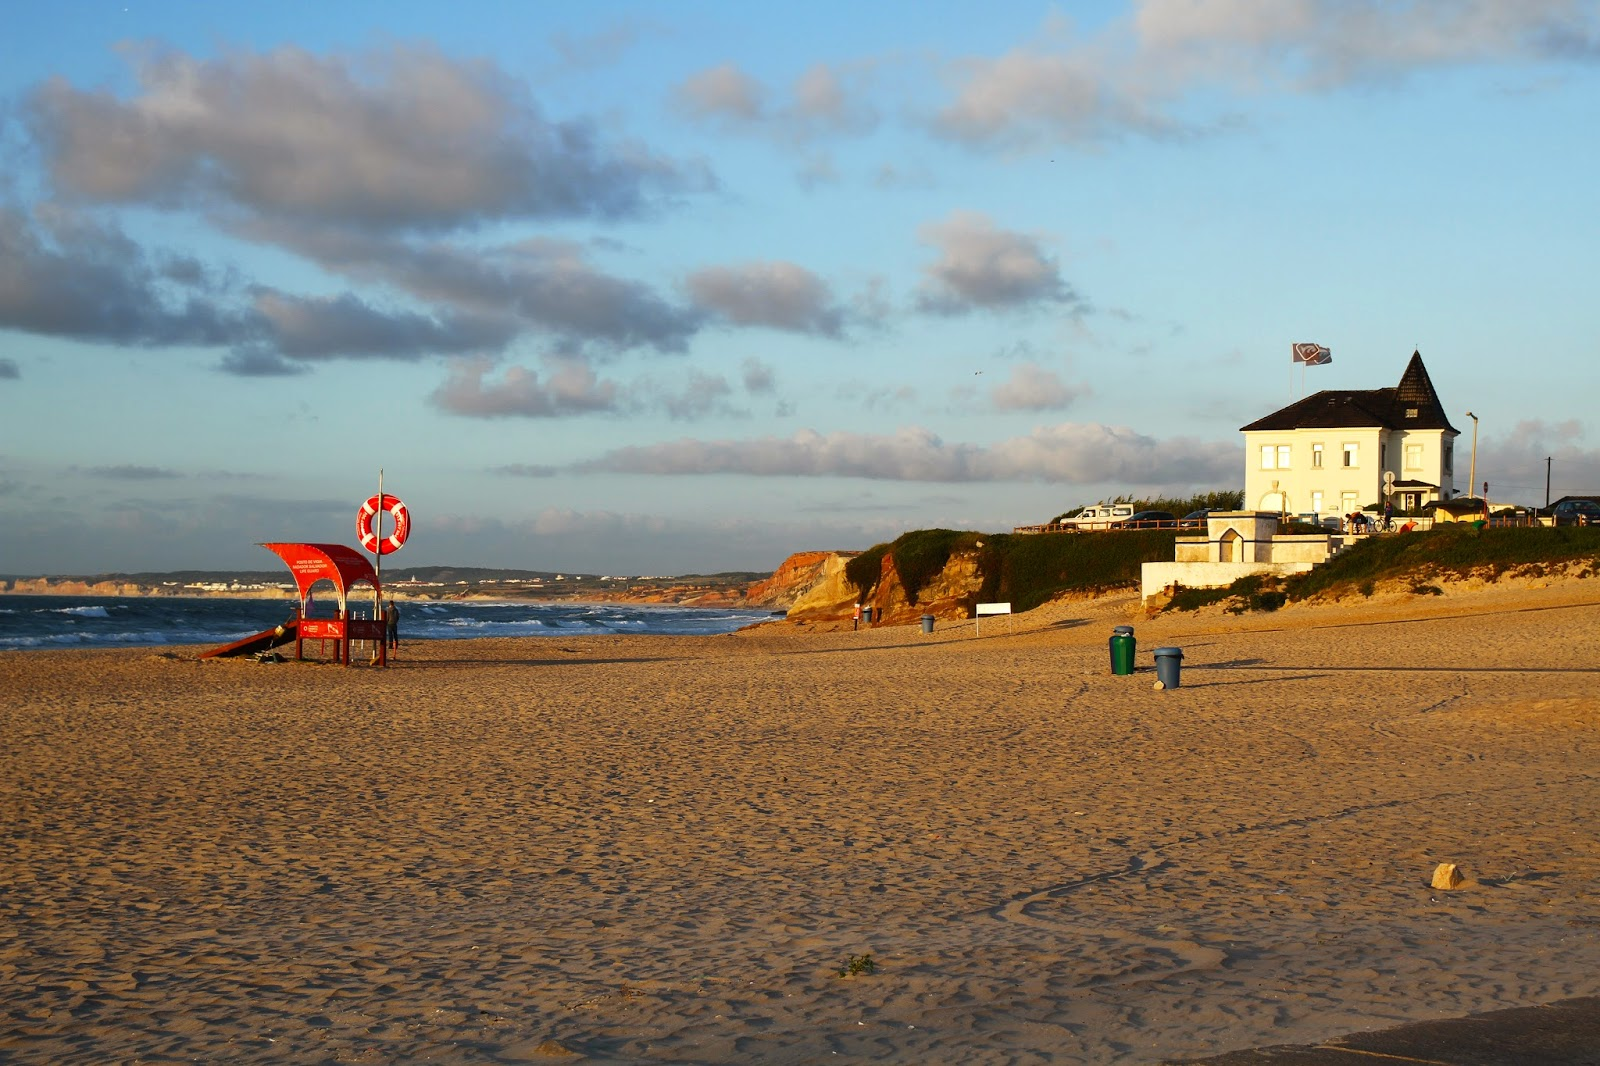 O magnífico destino de férias no Baleal - Da Pequena Baleia eu vejo o Baleal | Portugal